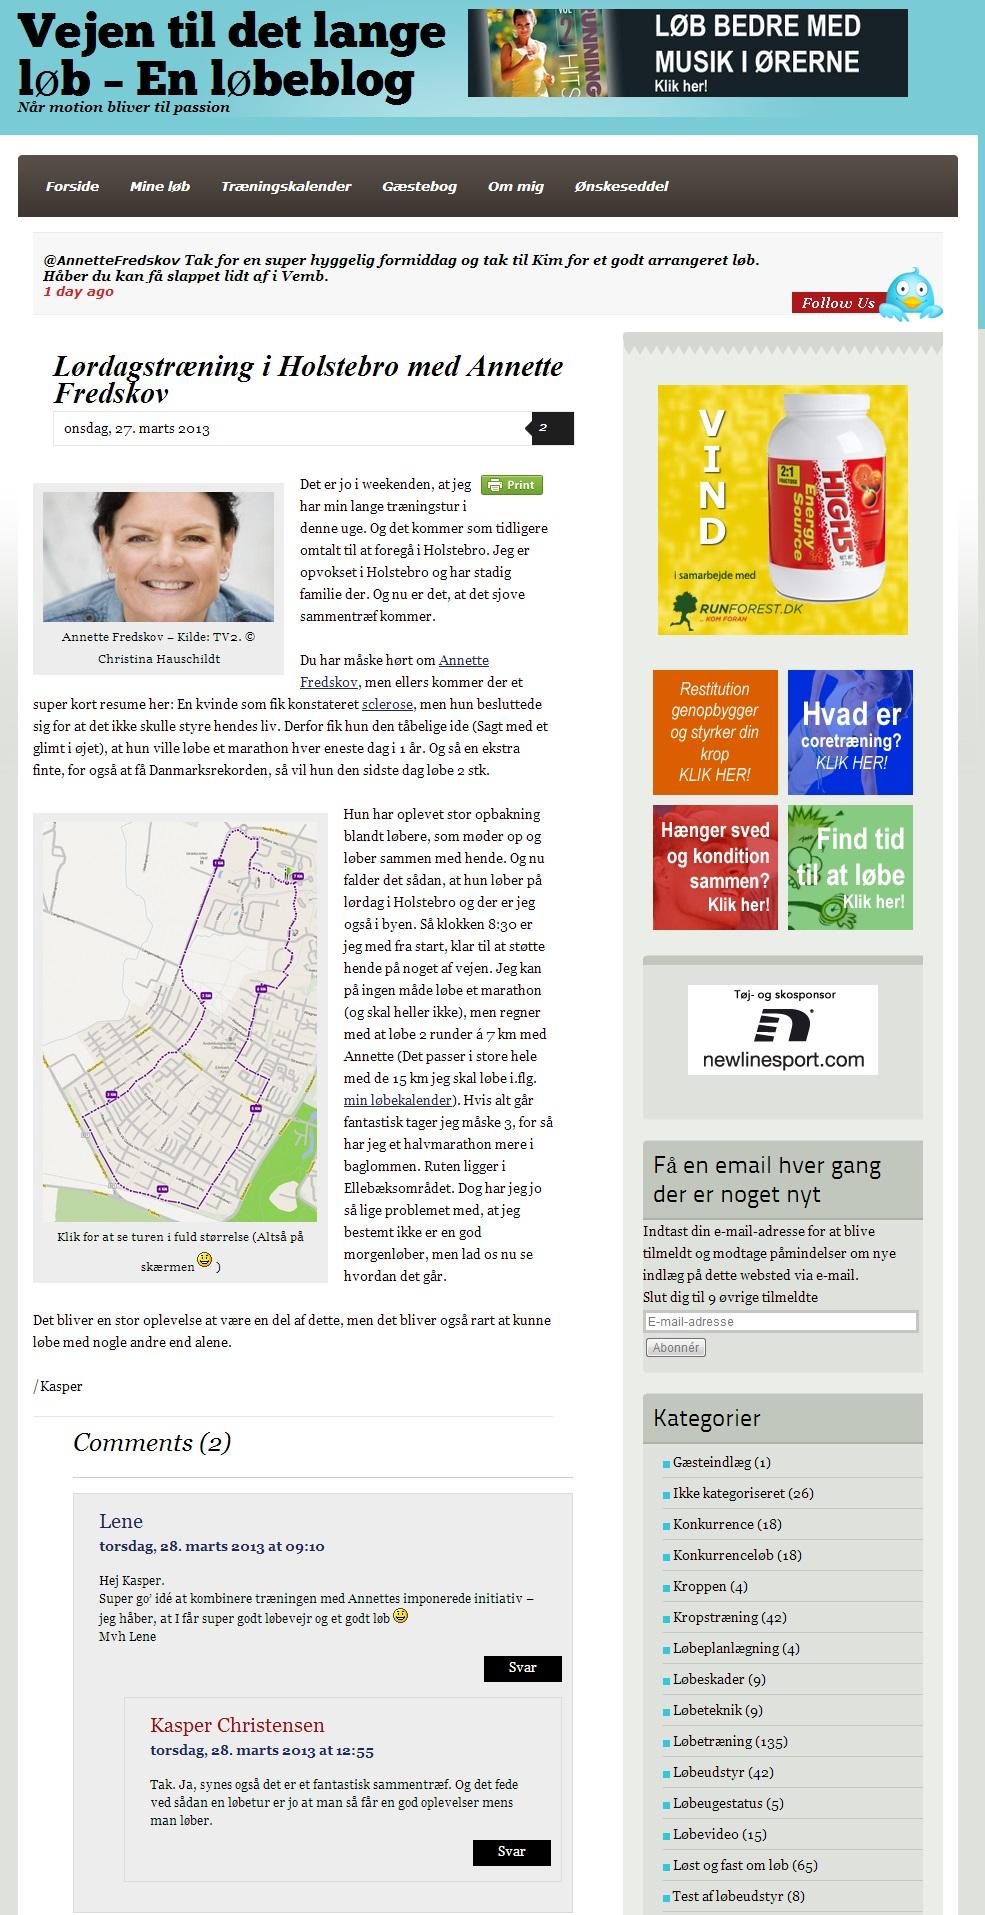 www.kasperc.dk 2013.03.27